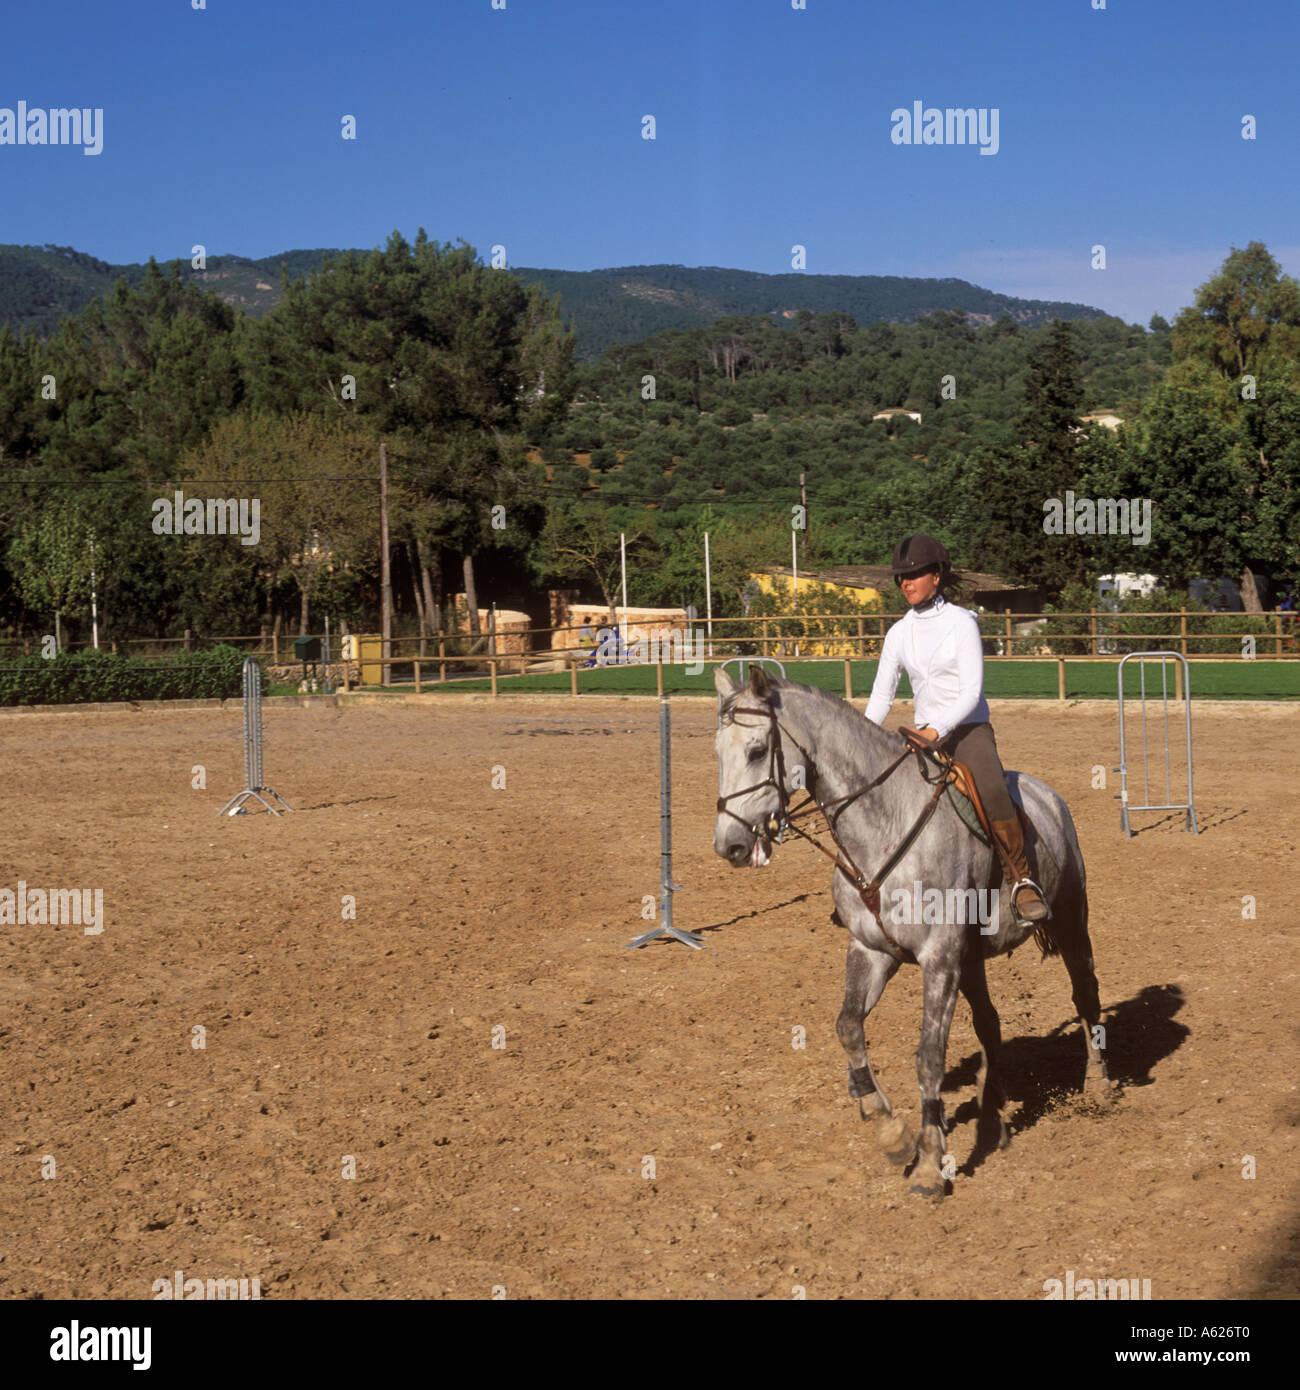 Signora giovane equitazione al Real Club Equitacion Escuela de Mallorca Bunyola Maiorca Isole Baleari Spagna 18 Aprile 2004 Immagini Stock